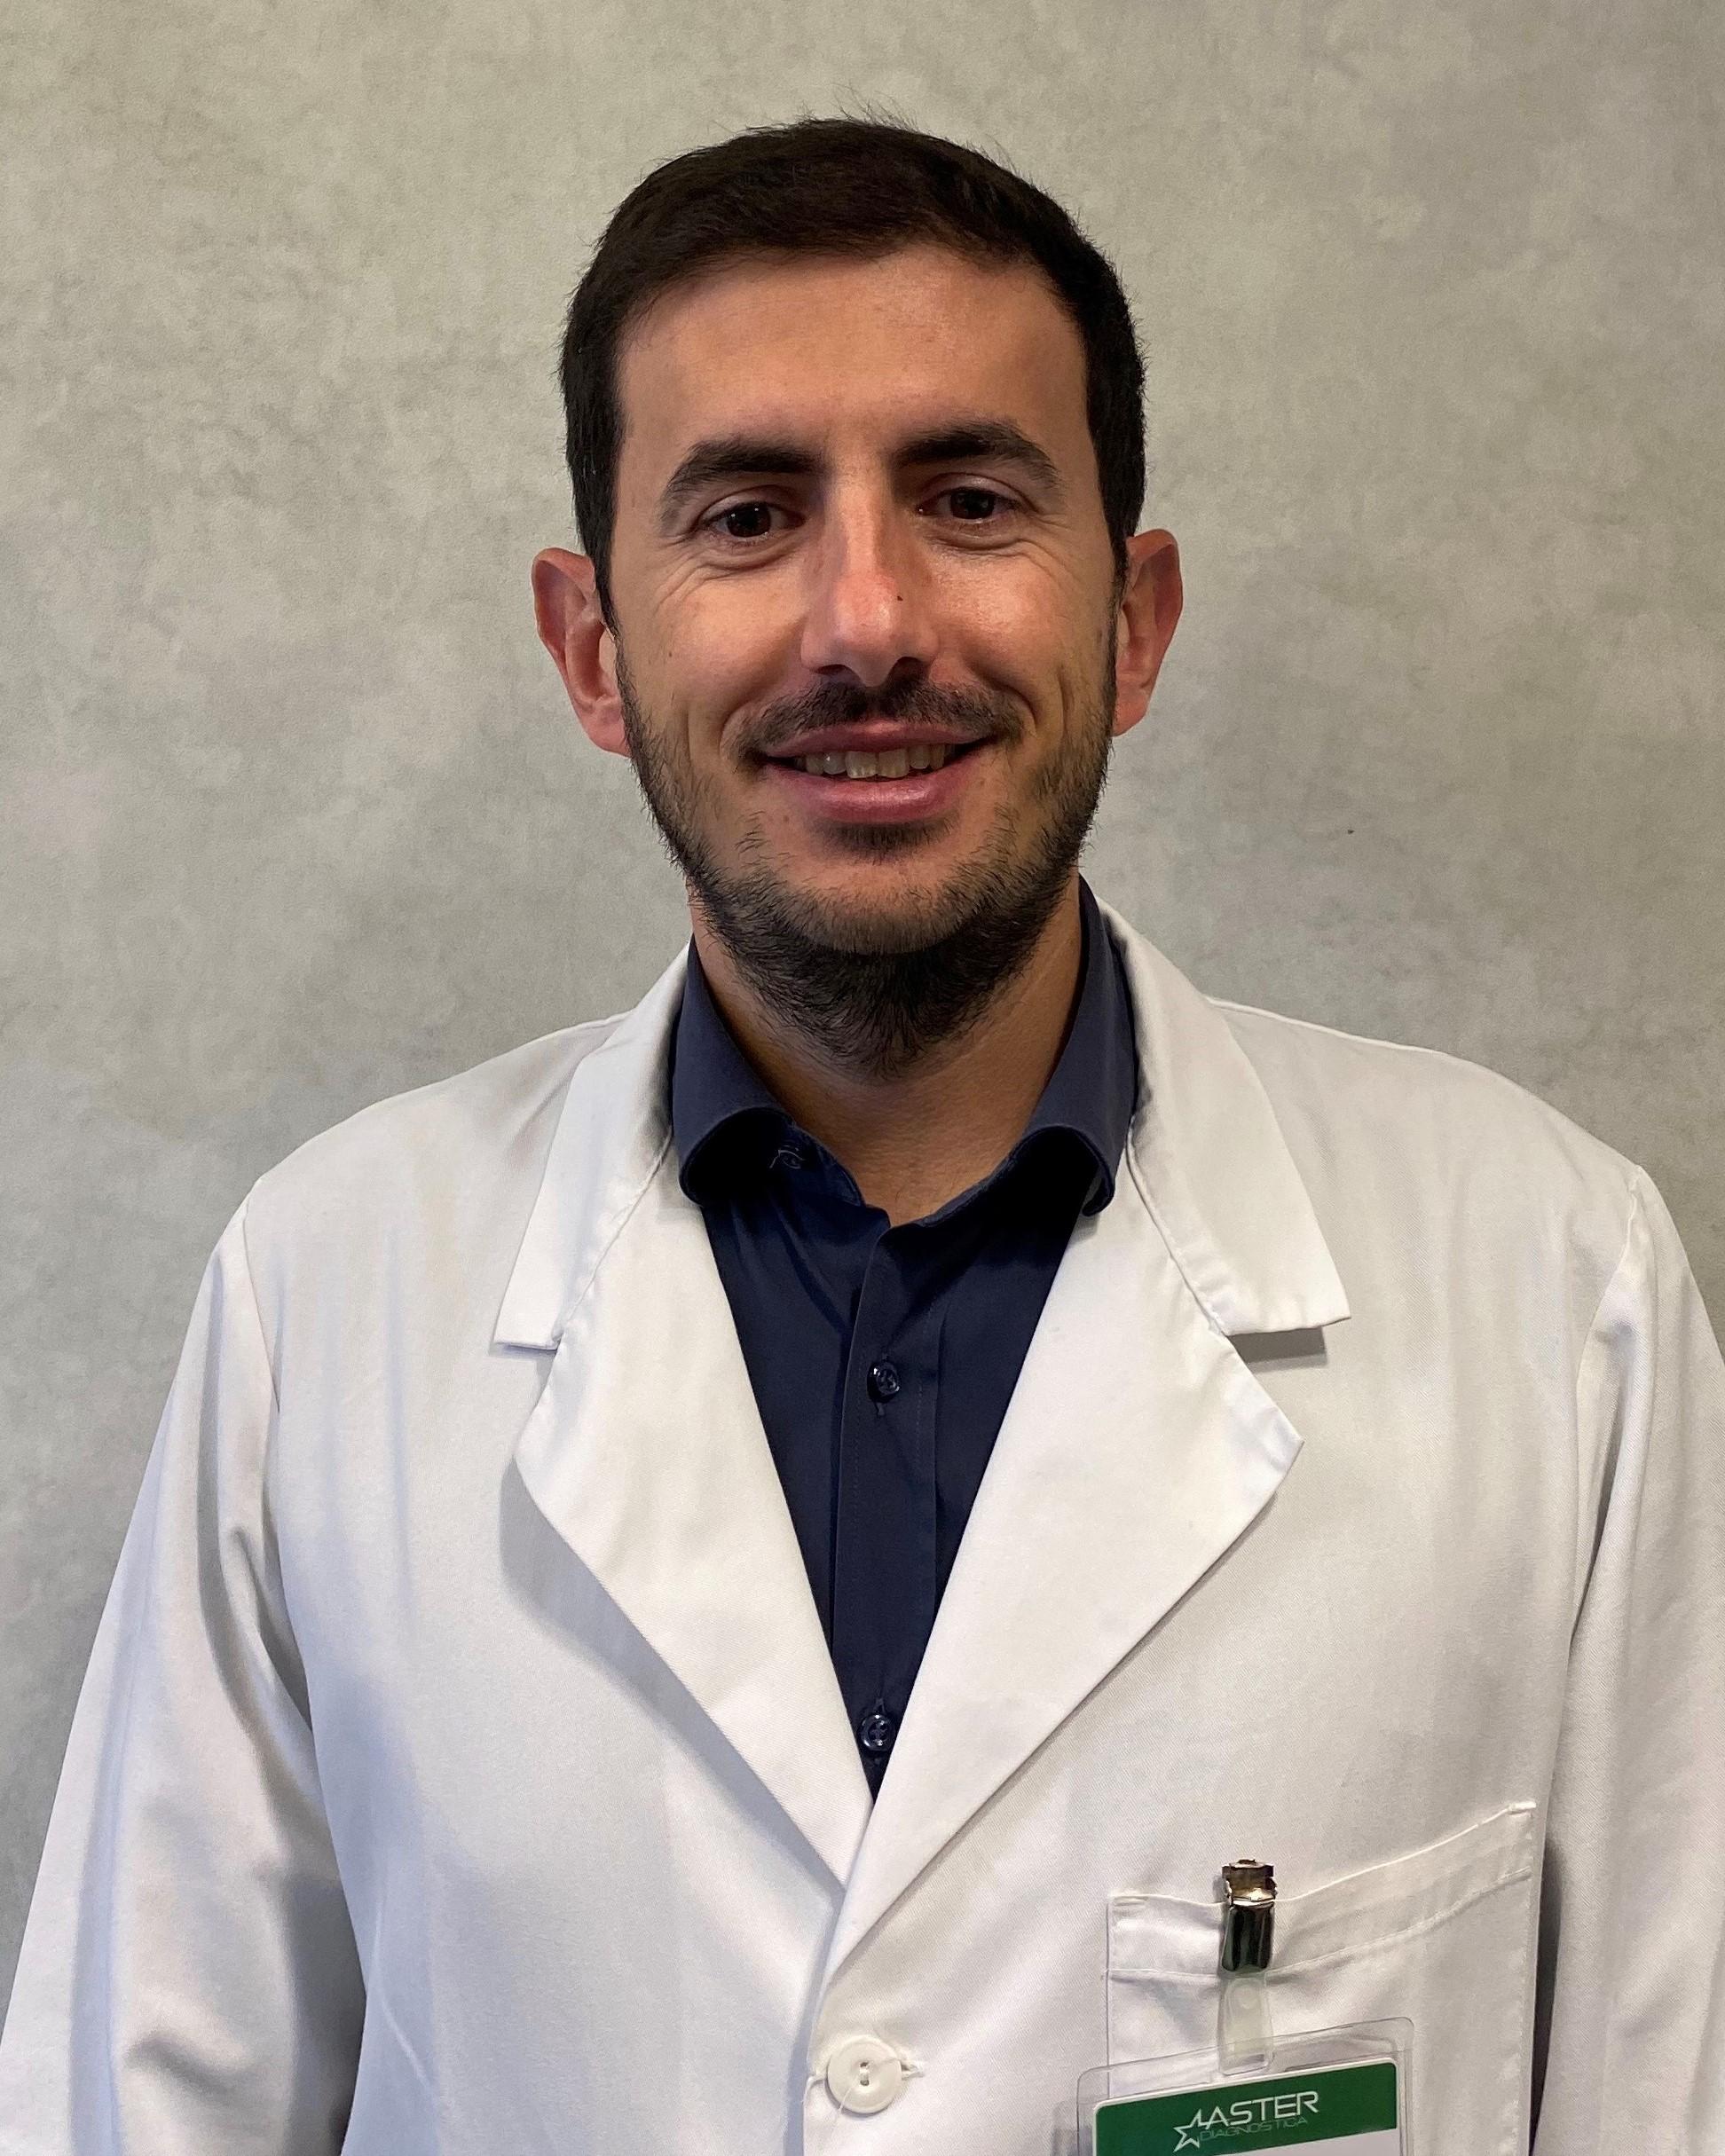 Matteo Mangia